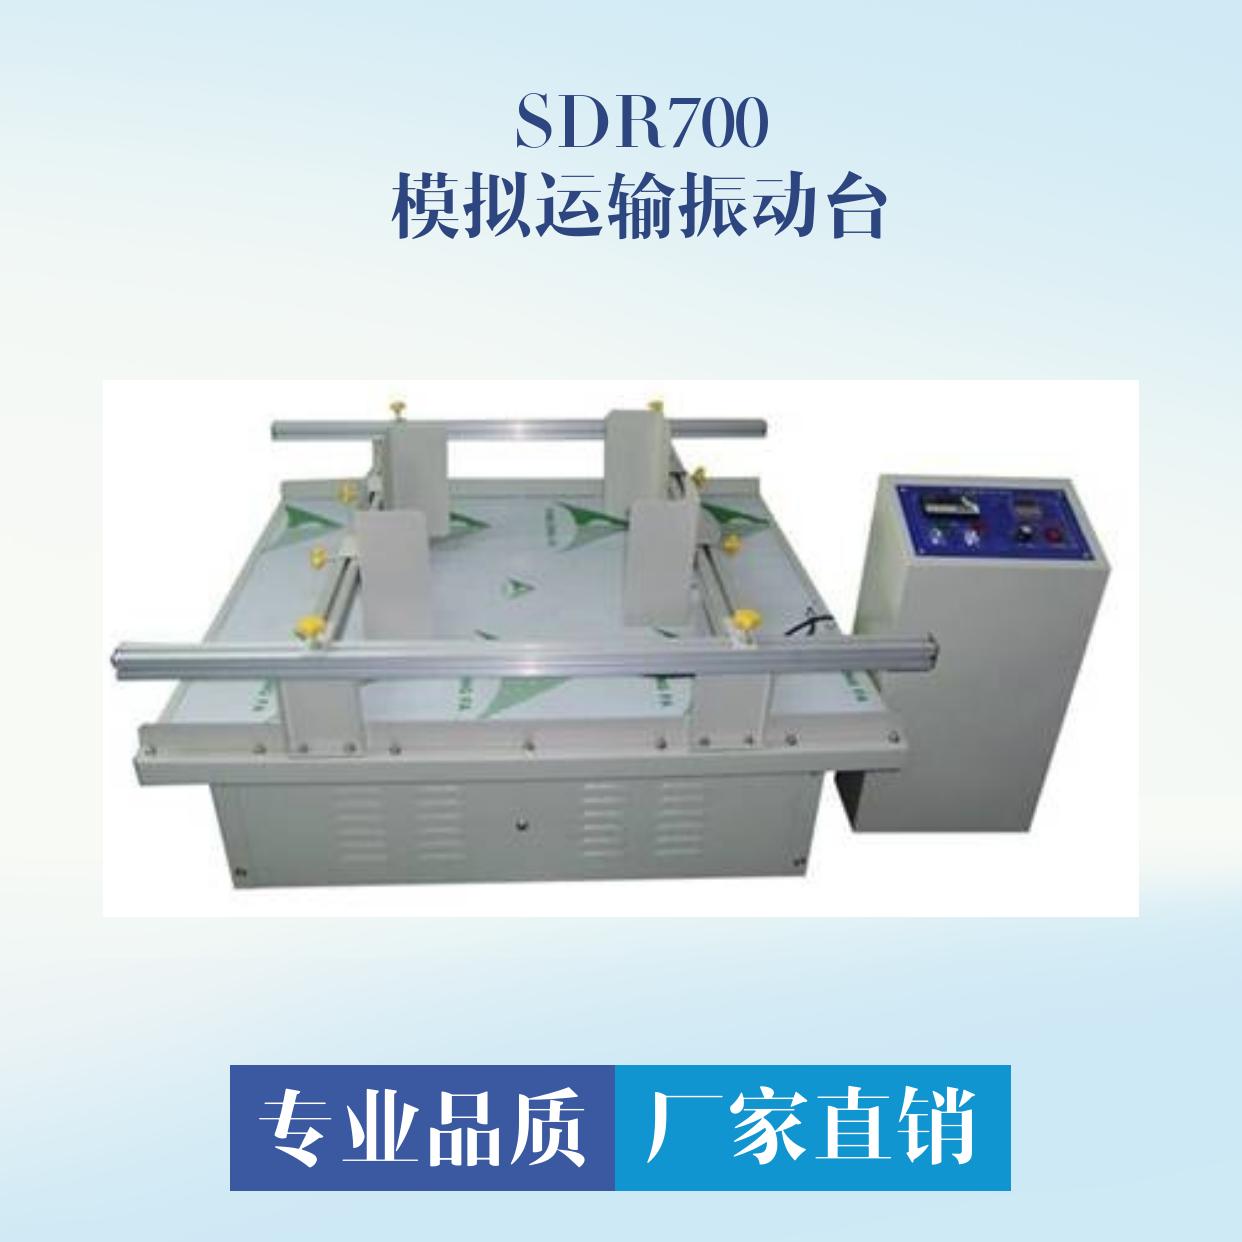 模拟运输振动台 SDR700